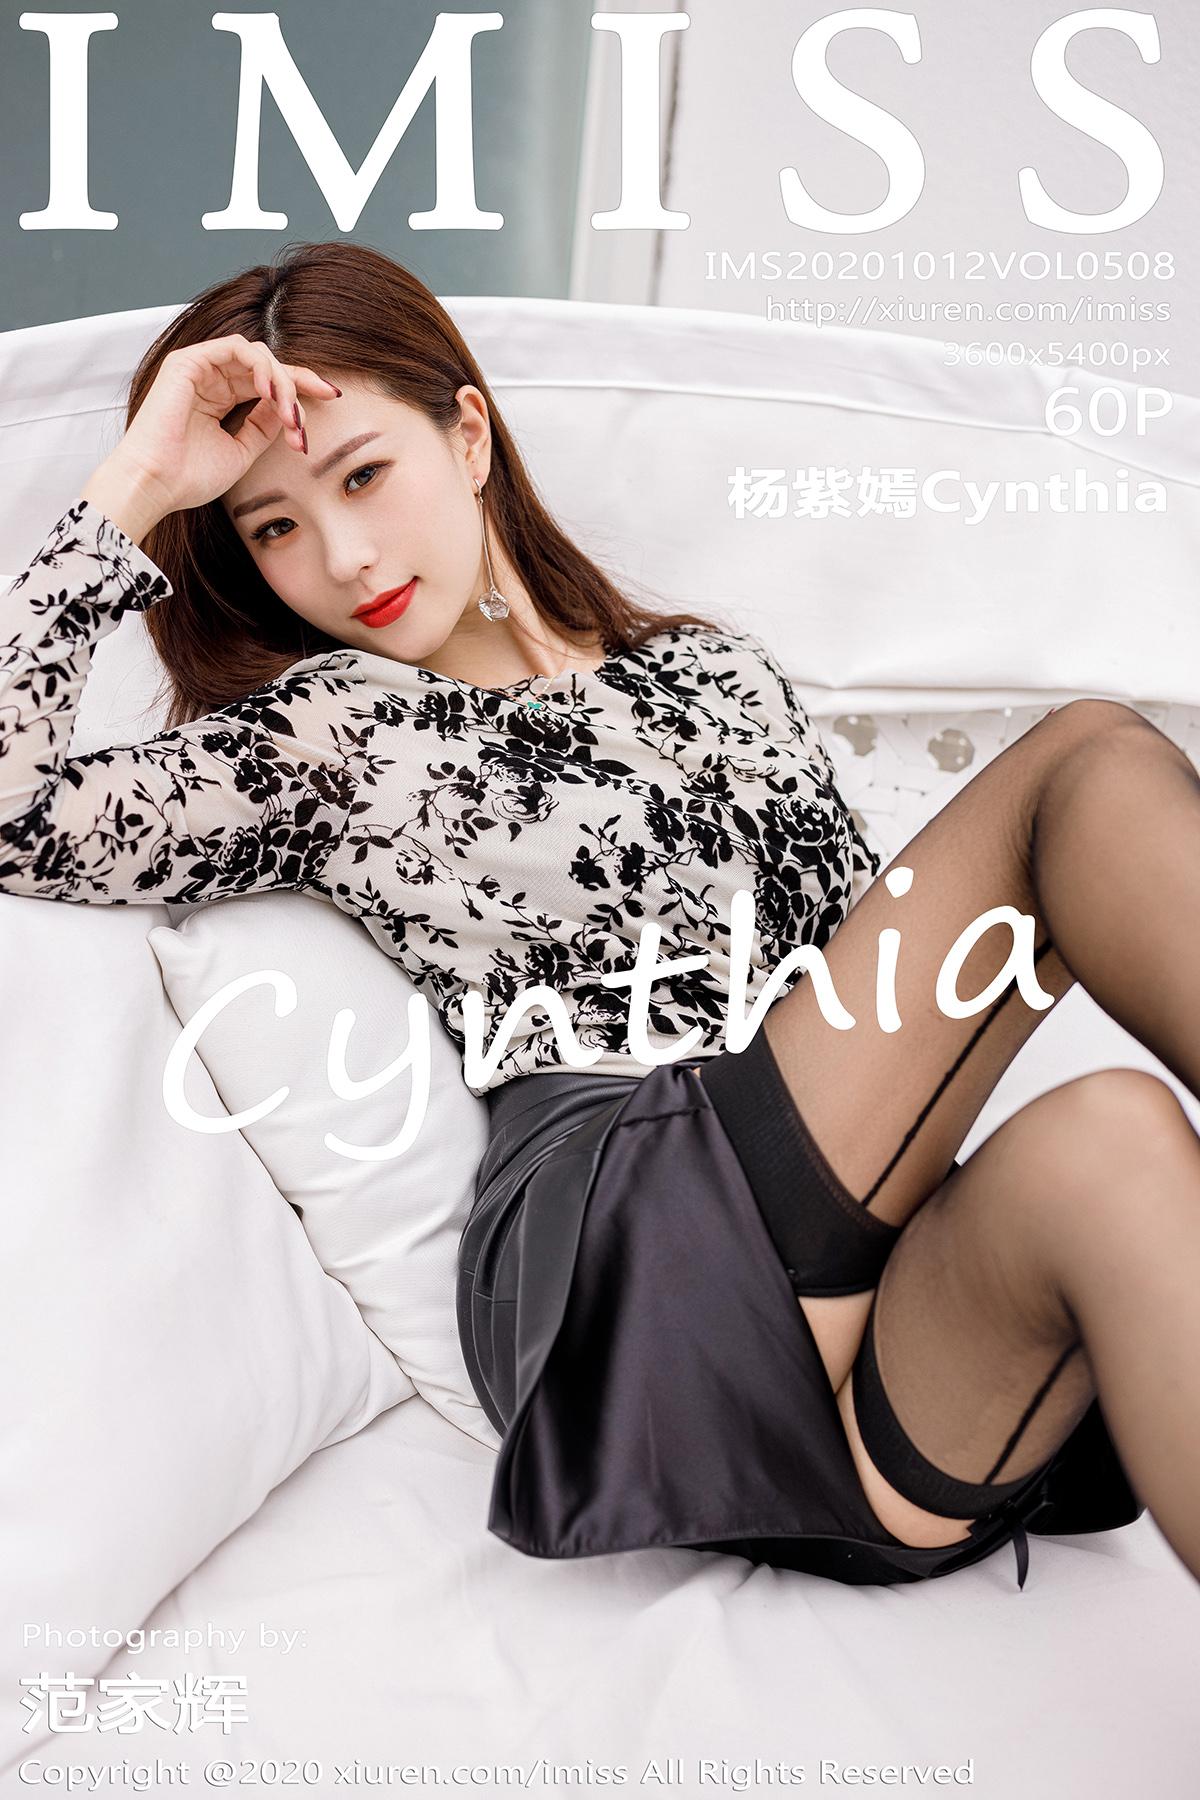 爱蜜社 [IMISS] 2020.10.12 VOL.508 杨紫嫣Cynthia